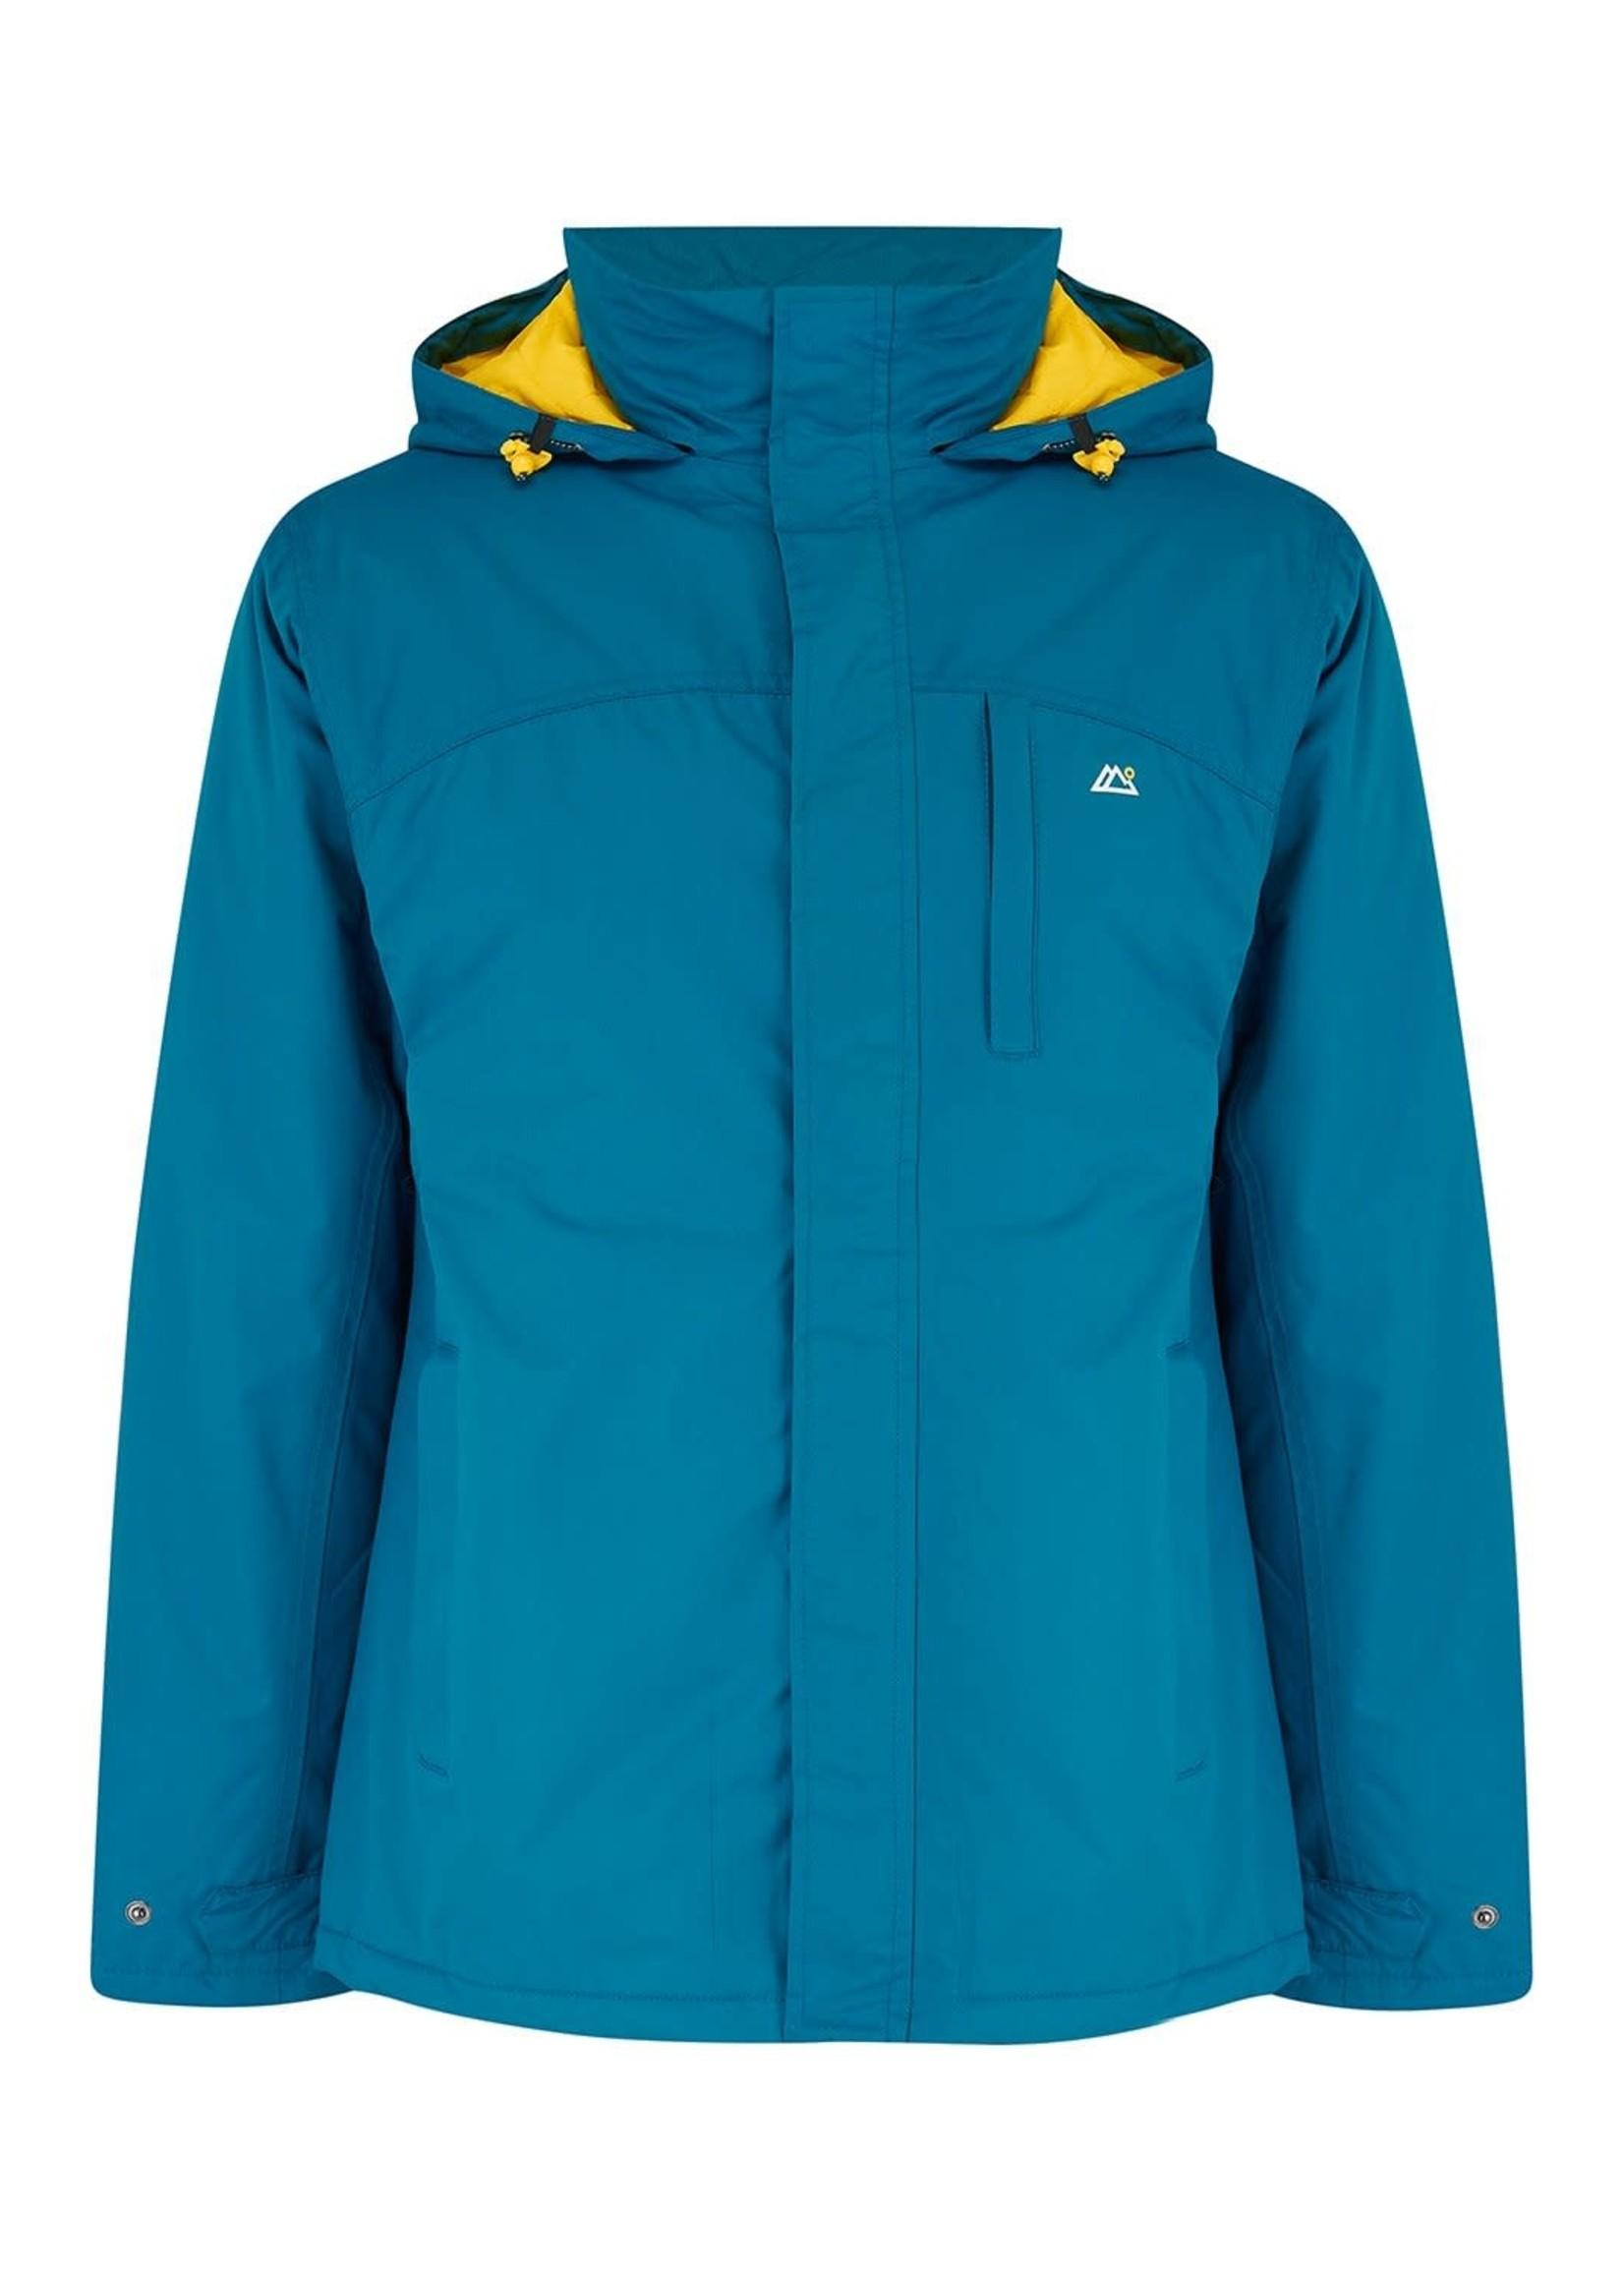 Target Dry Target Dry - Pursuit Mens Waterproof Jacket (2021) - Alpine Blue